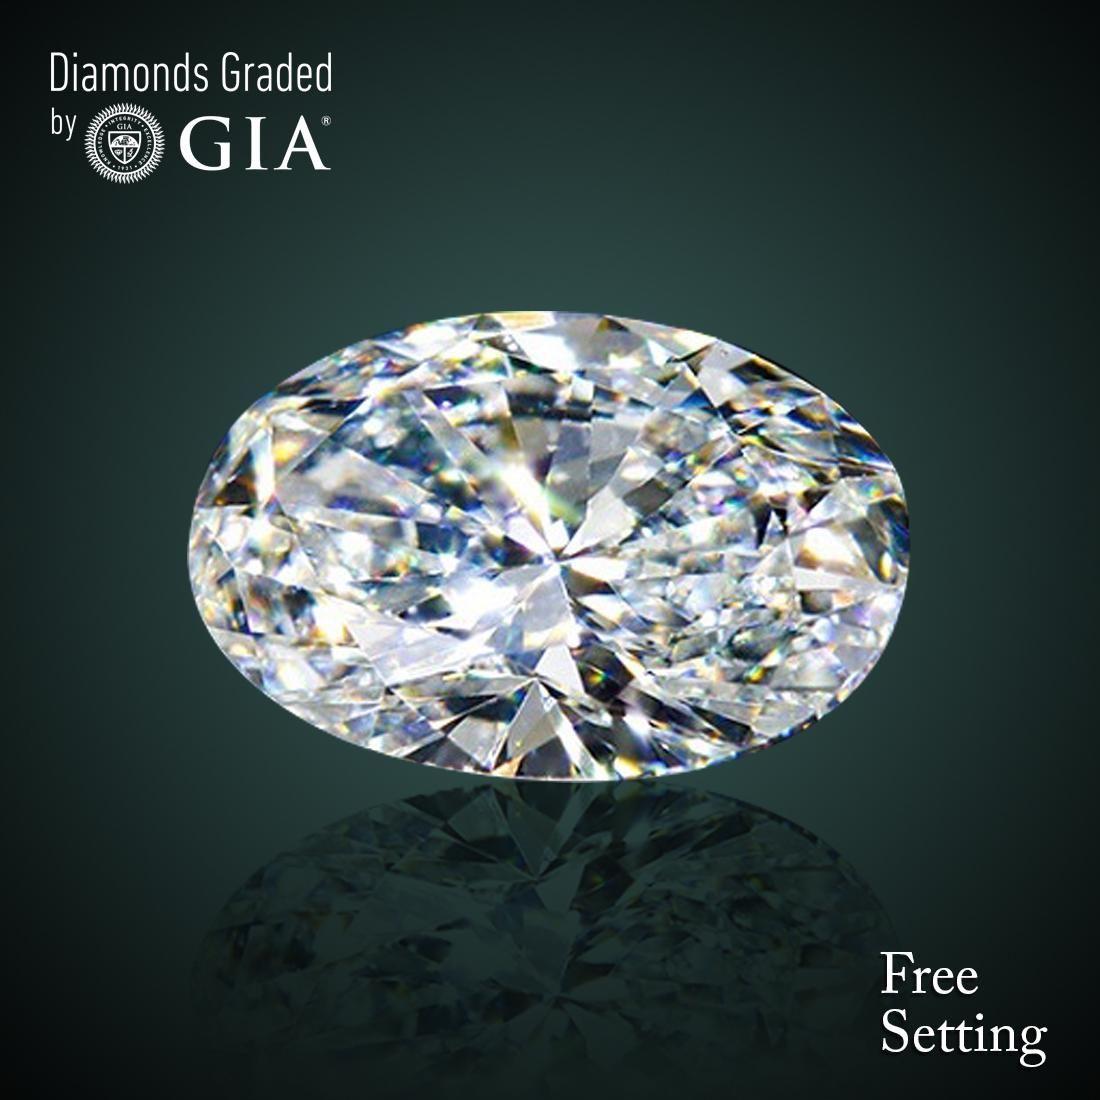 4.01 ct, Color E/VVS2, Oval cut Diamond 50% Off Rap